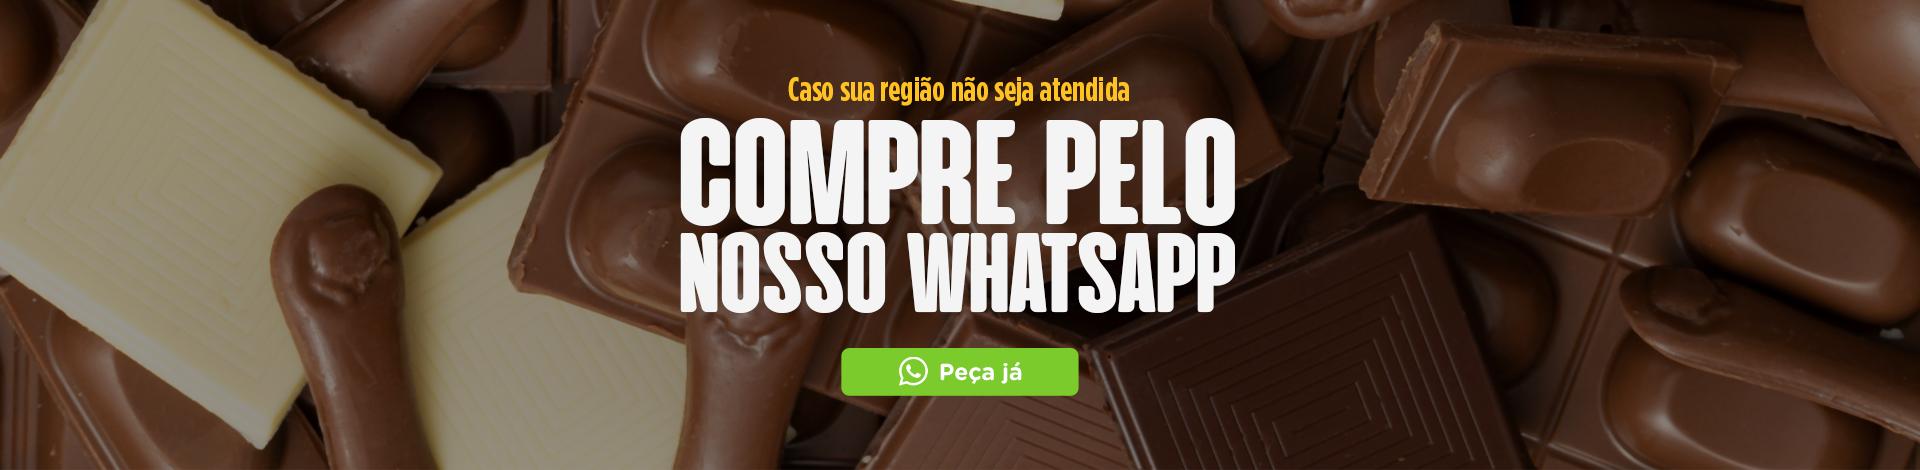 Banner Principal - Whatsapp